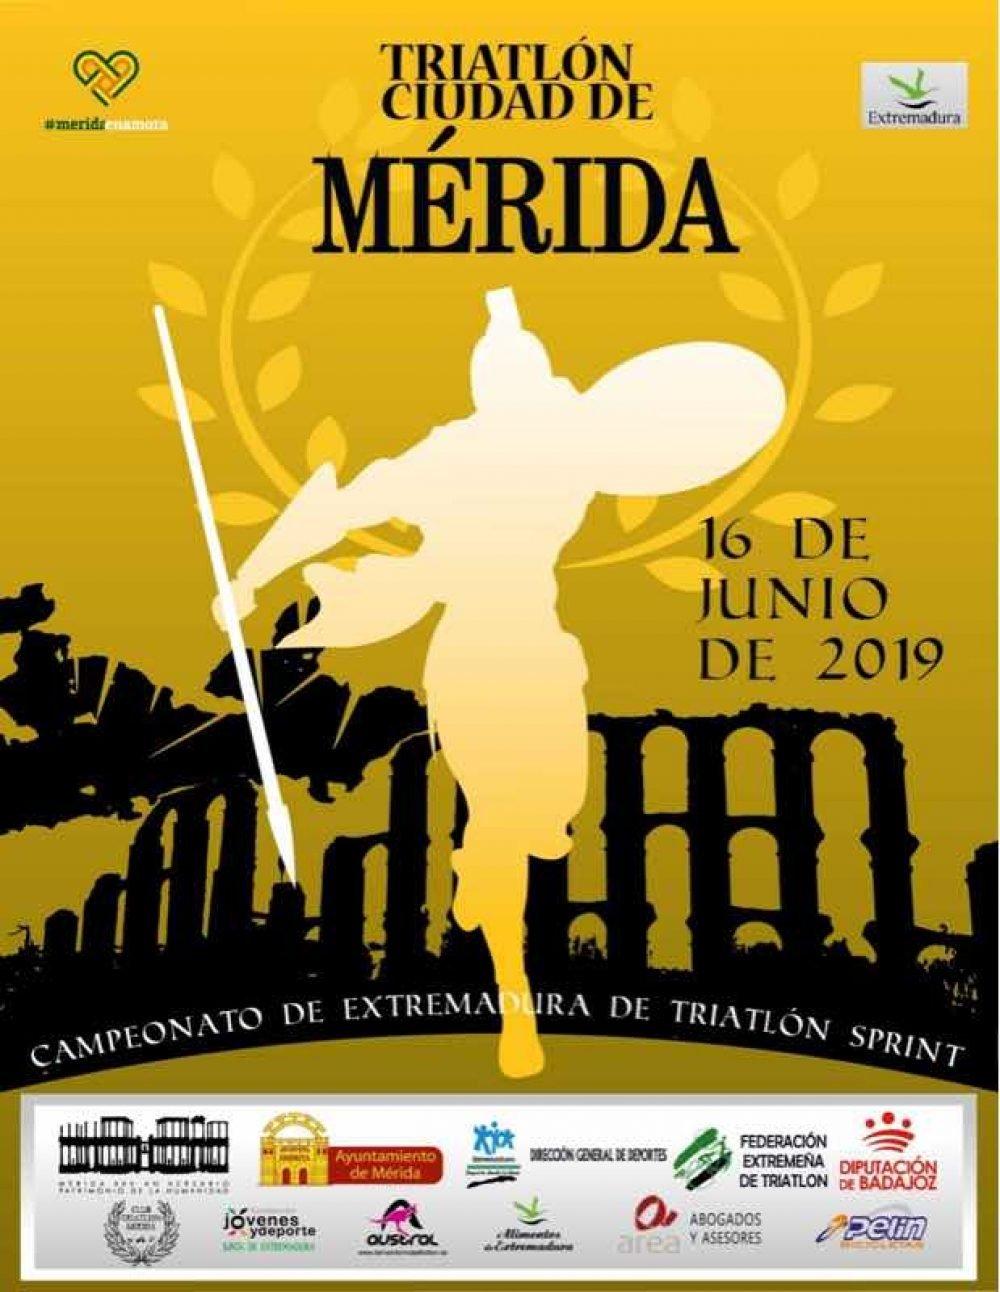 IX Triatlón Ciudad de Mérida